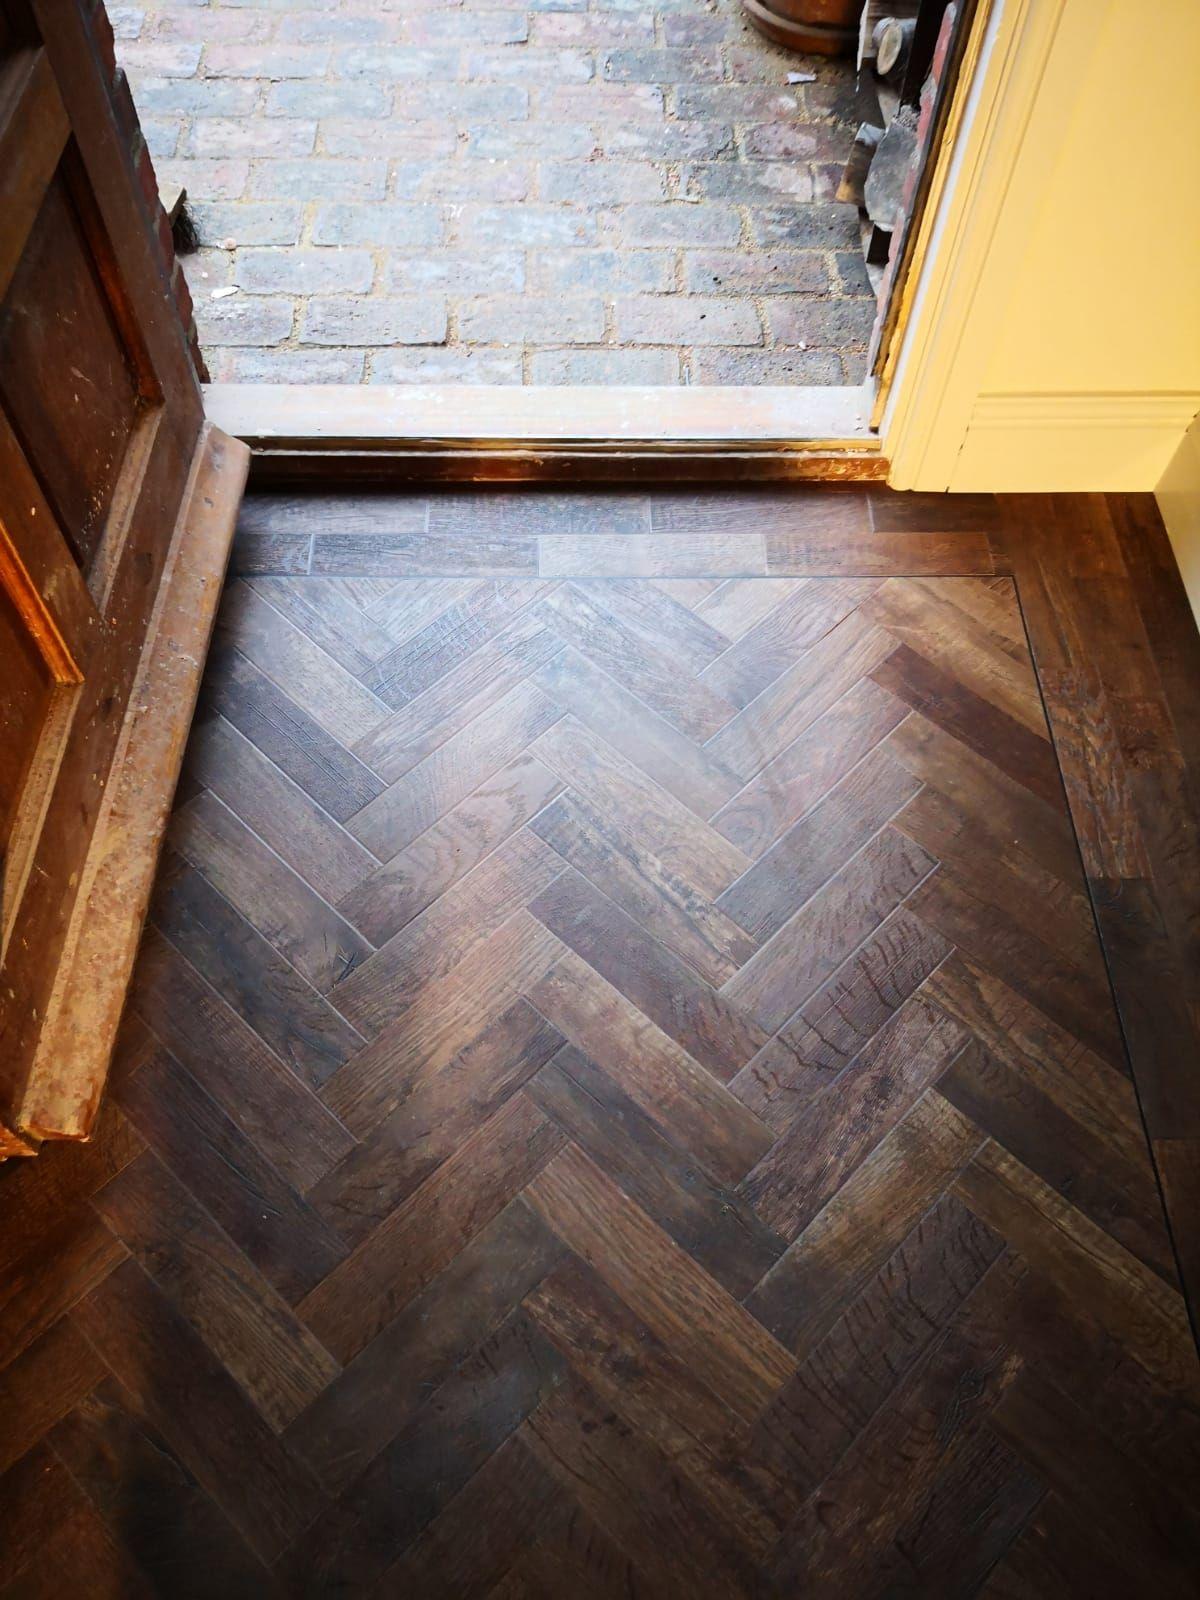 Stunning mahogany herringbone flooring which is striking